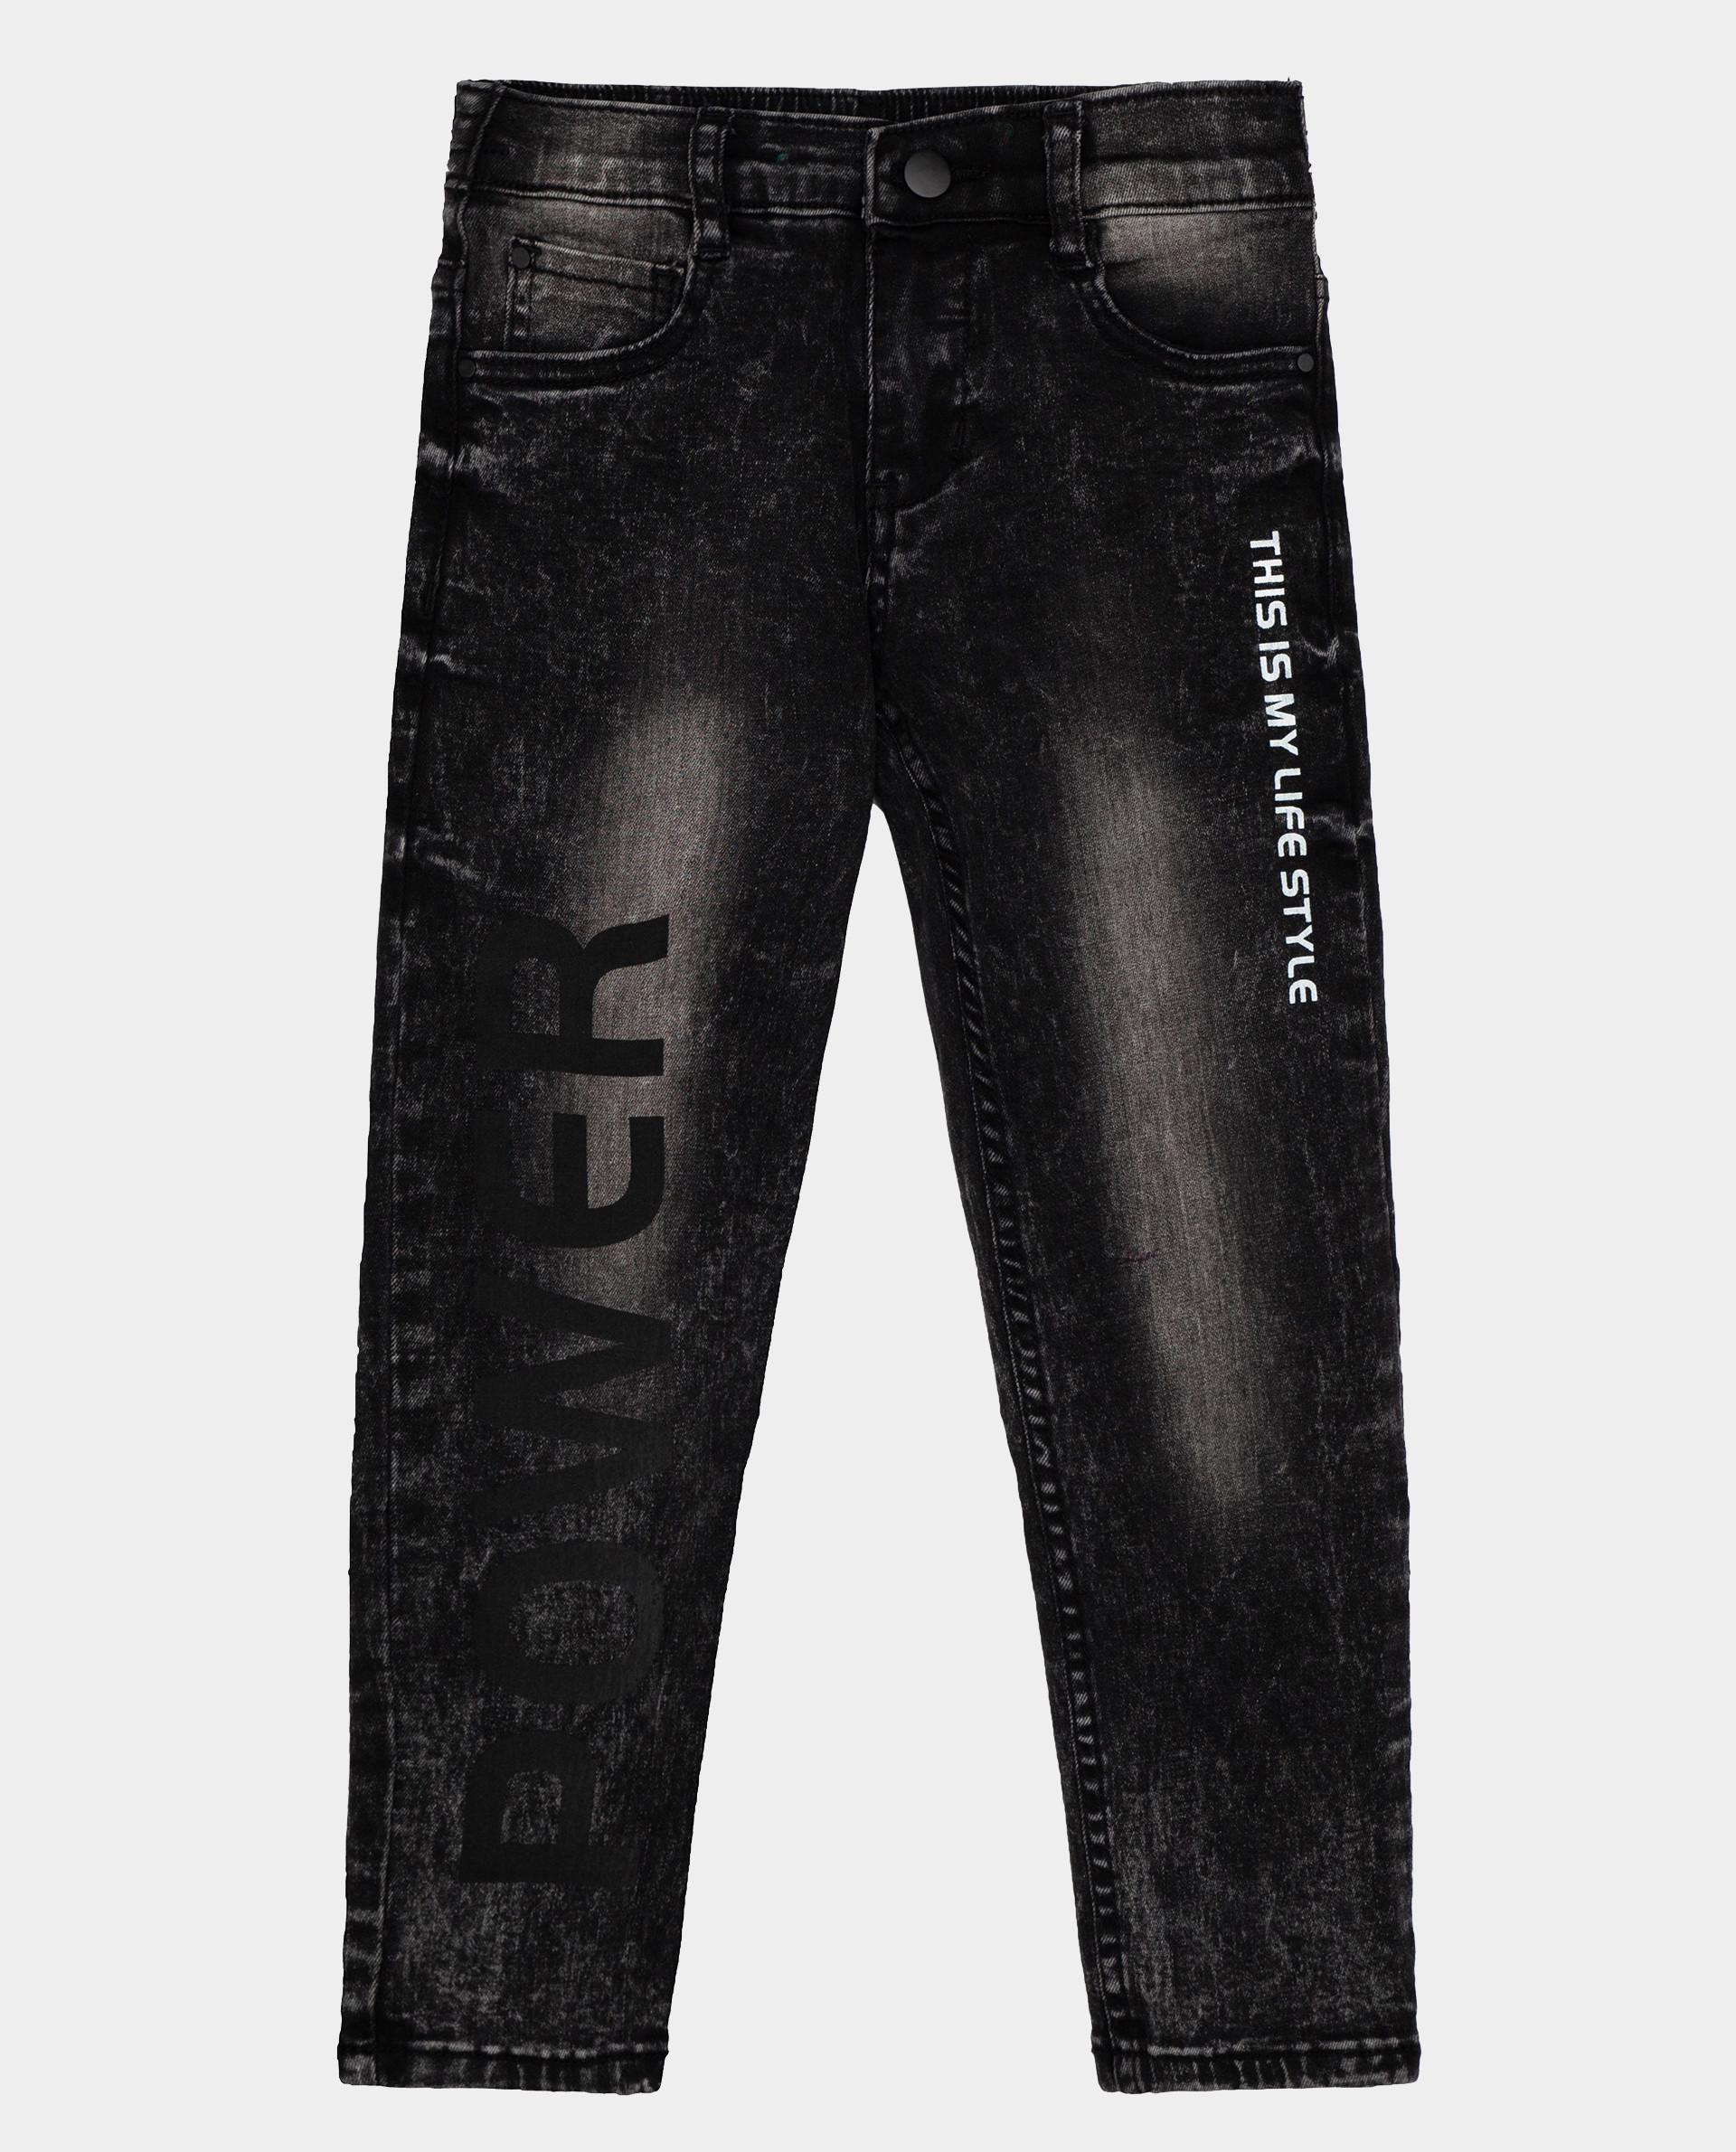 Купить Серые джинсы Gulliver размер 104 22006BMC6302,